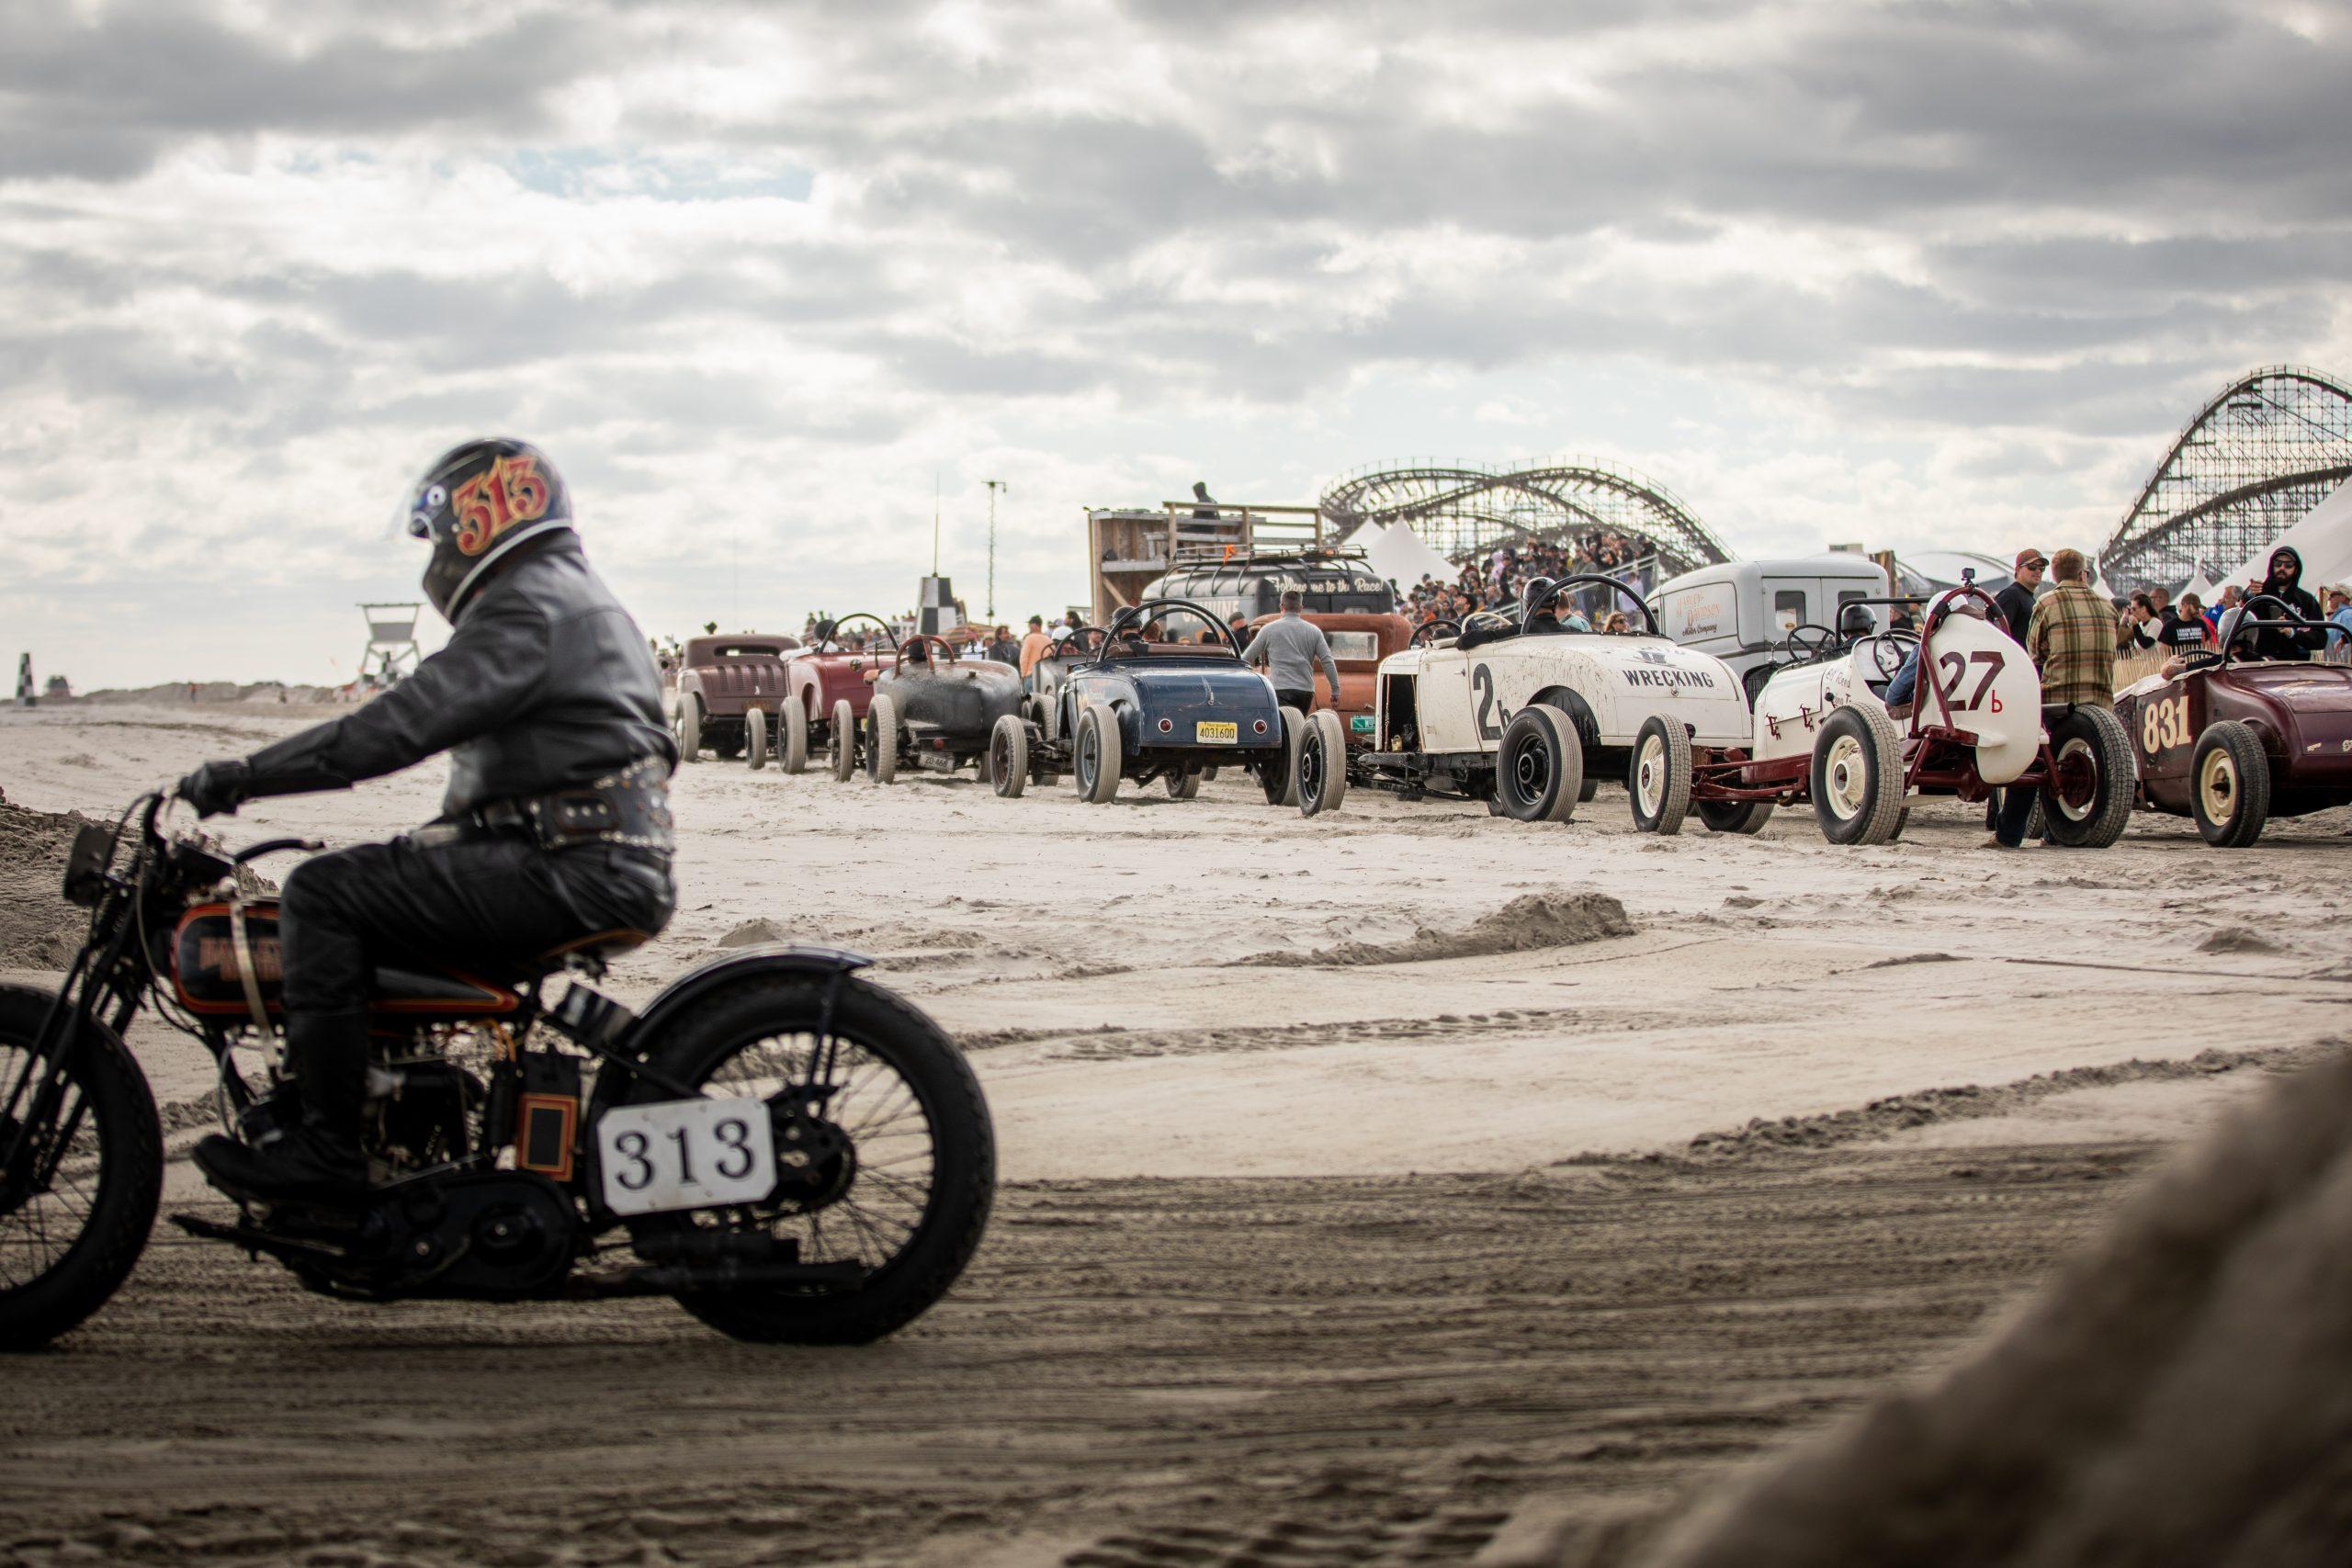 beach drag racer action